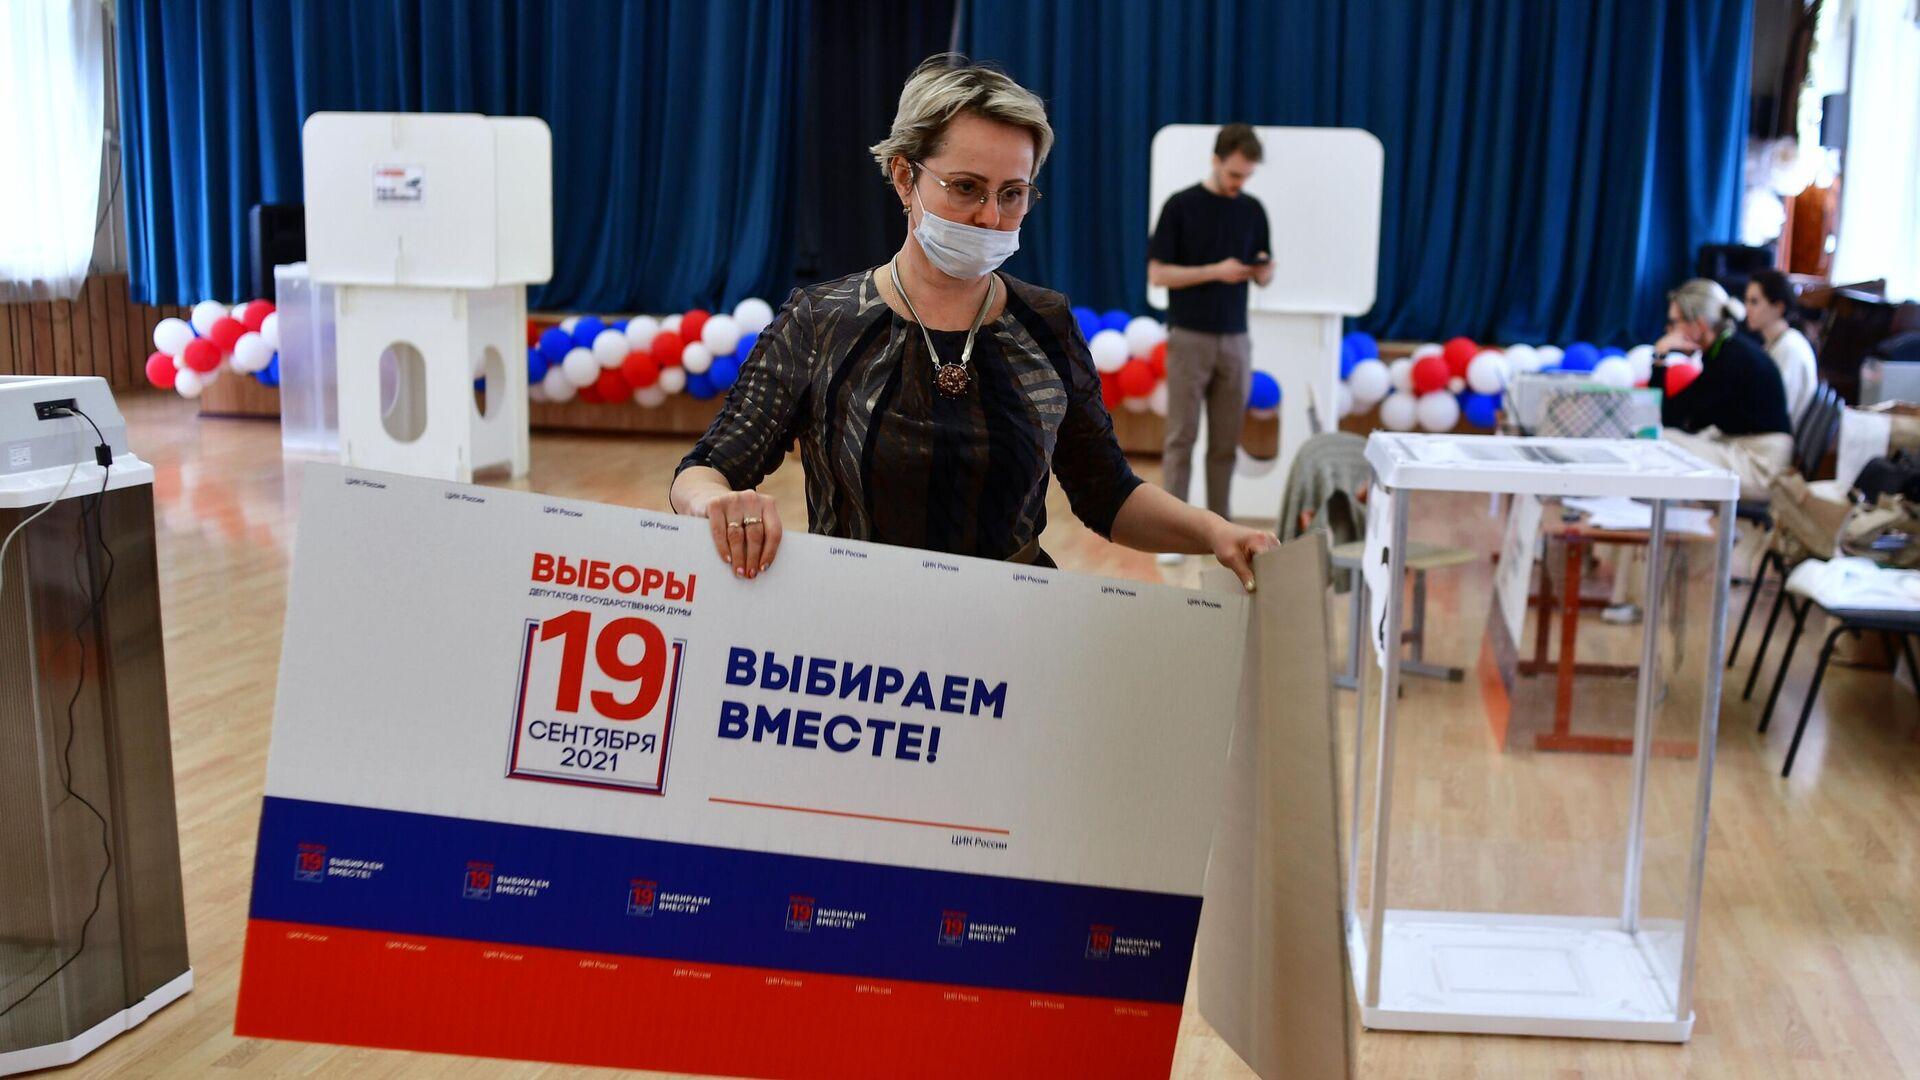 Губернатор Амурской области Василий Орлов проголосовал на выборах